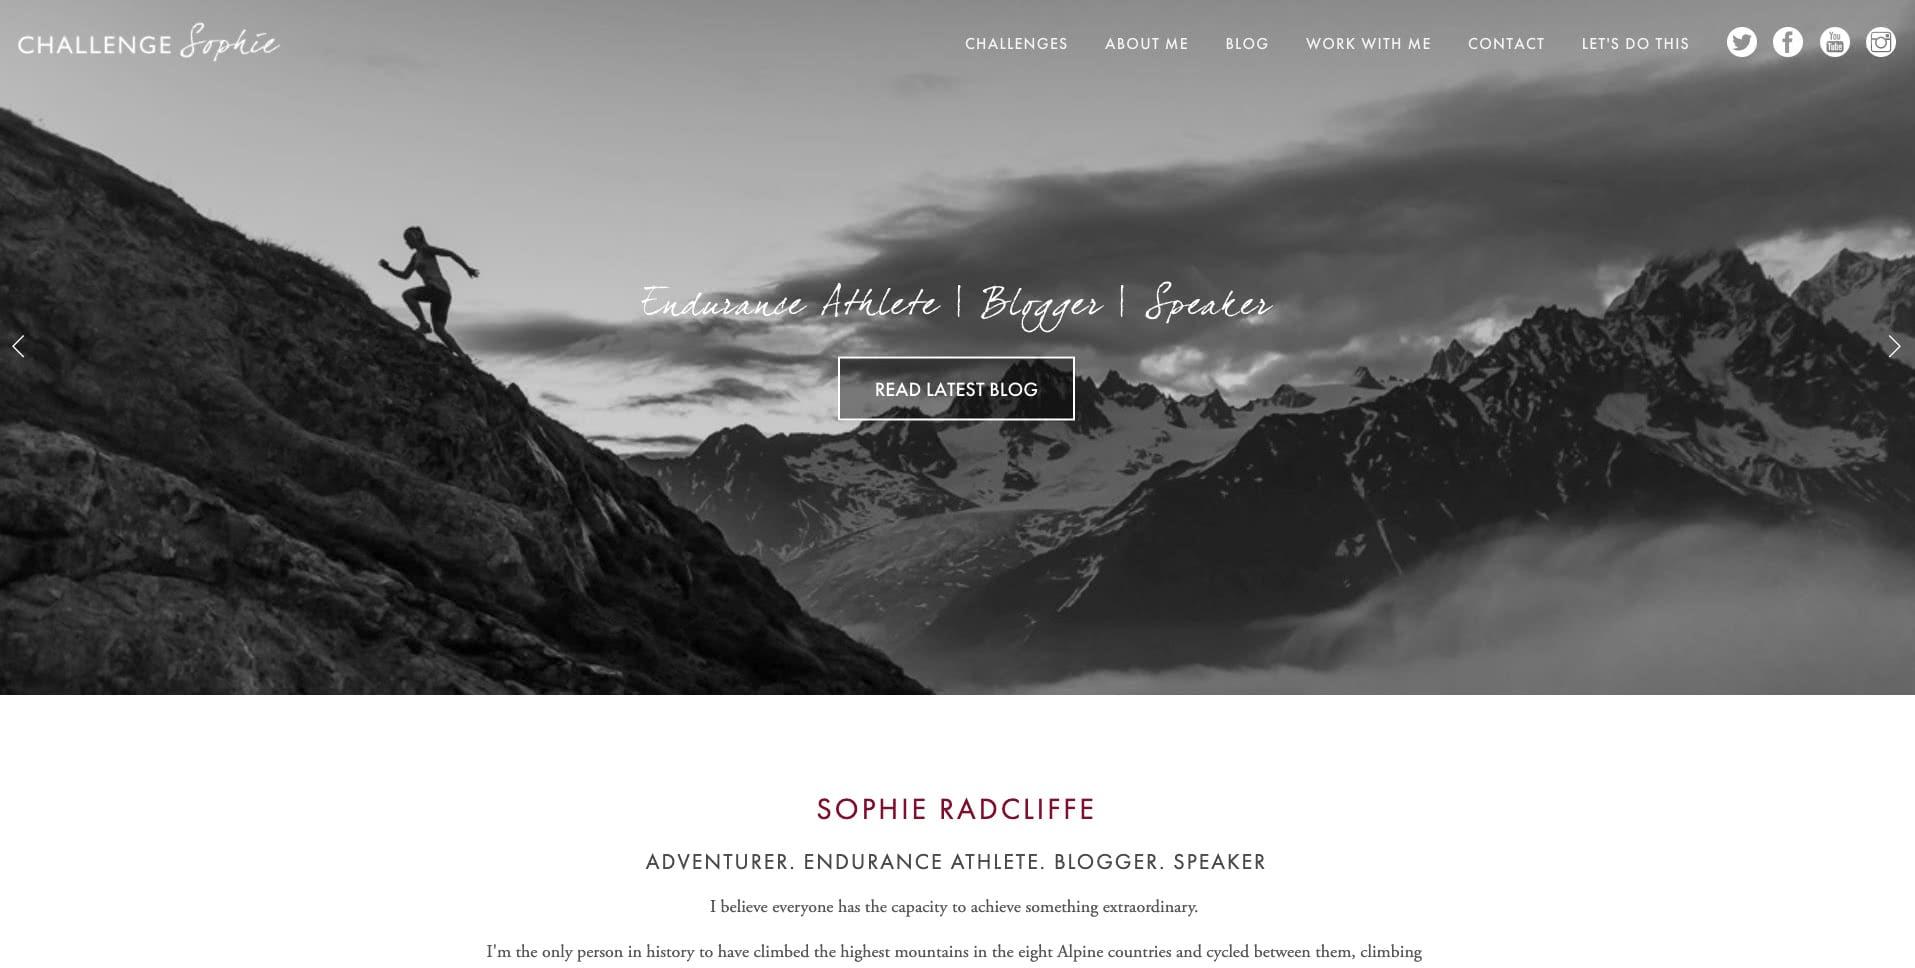 Challenge sophie blog sophie radcliffe